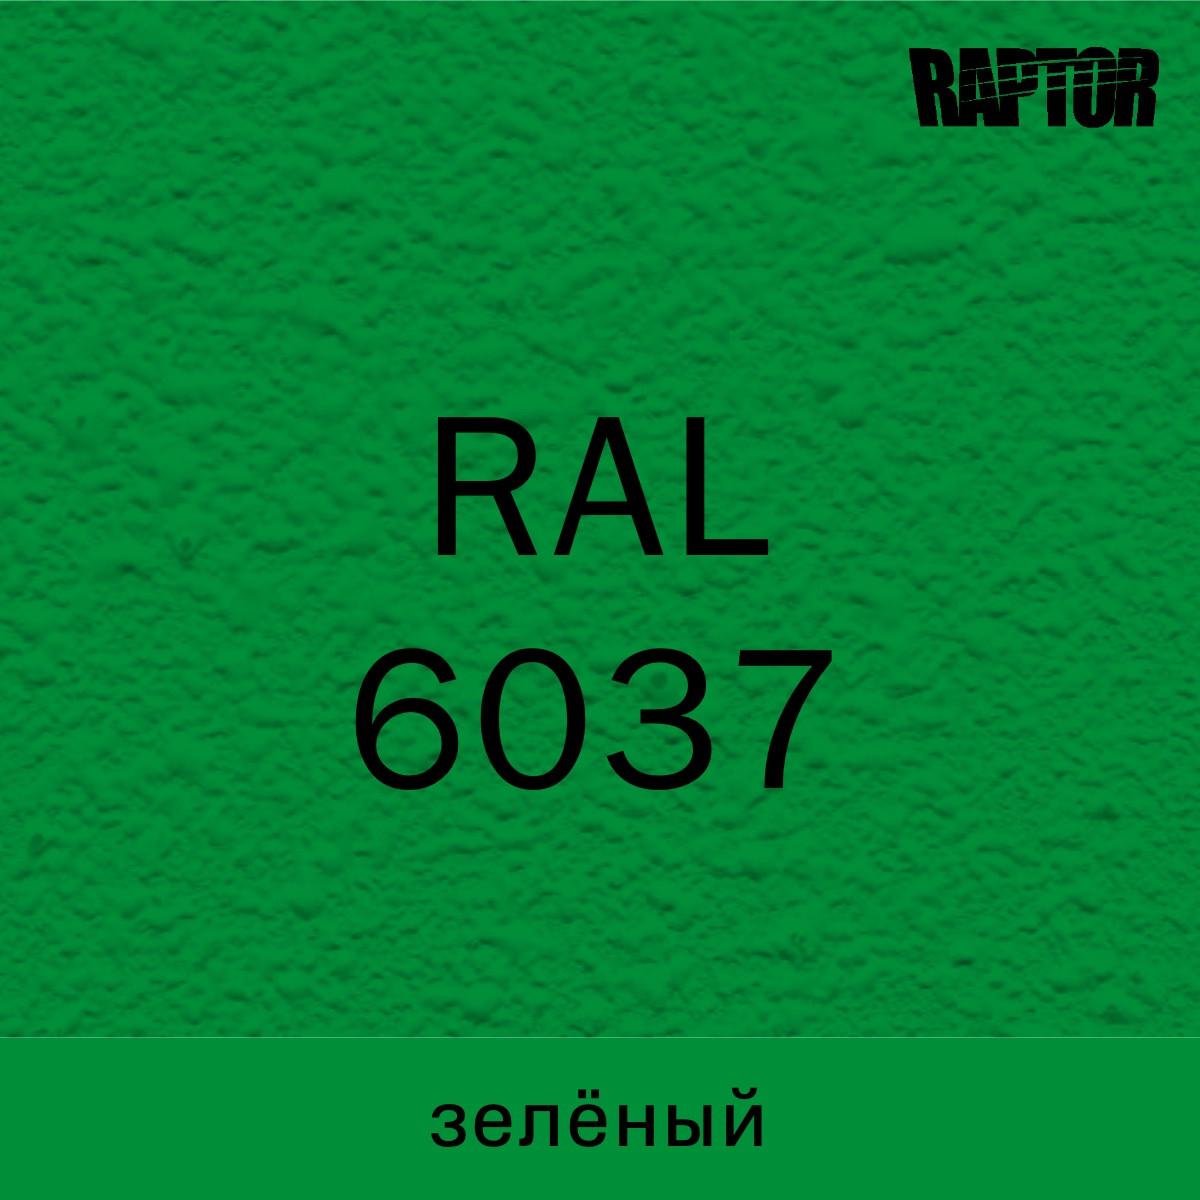 Пигмент для колеровки покрытия RAPTOR™ Зелёный (RAL 6037)